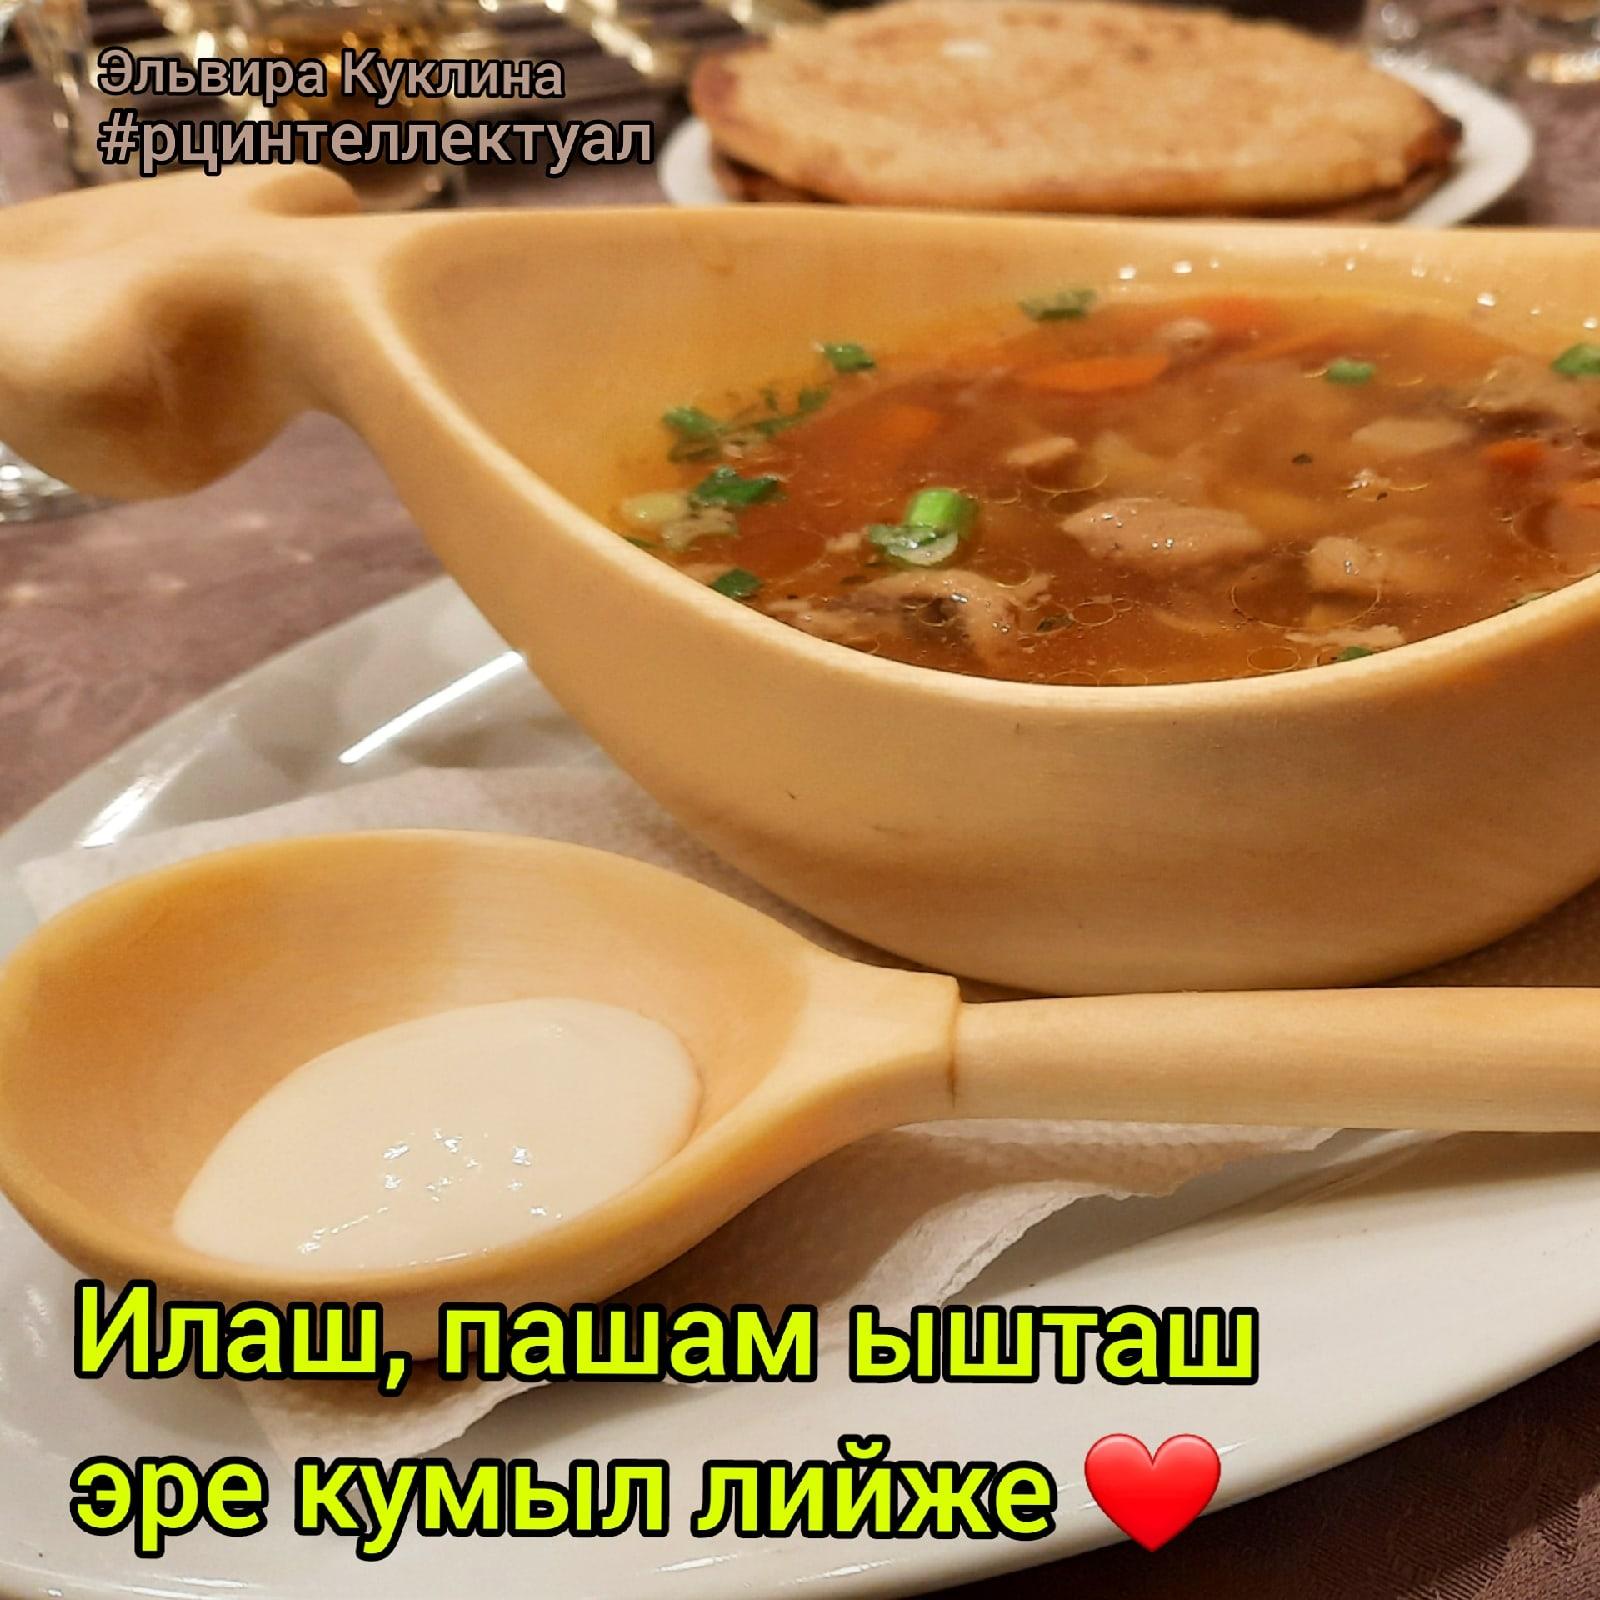 Ресторан «Мари» - Вконтакте